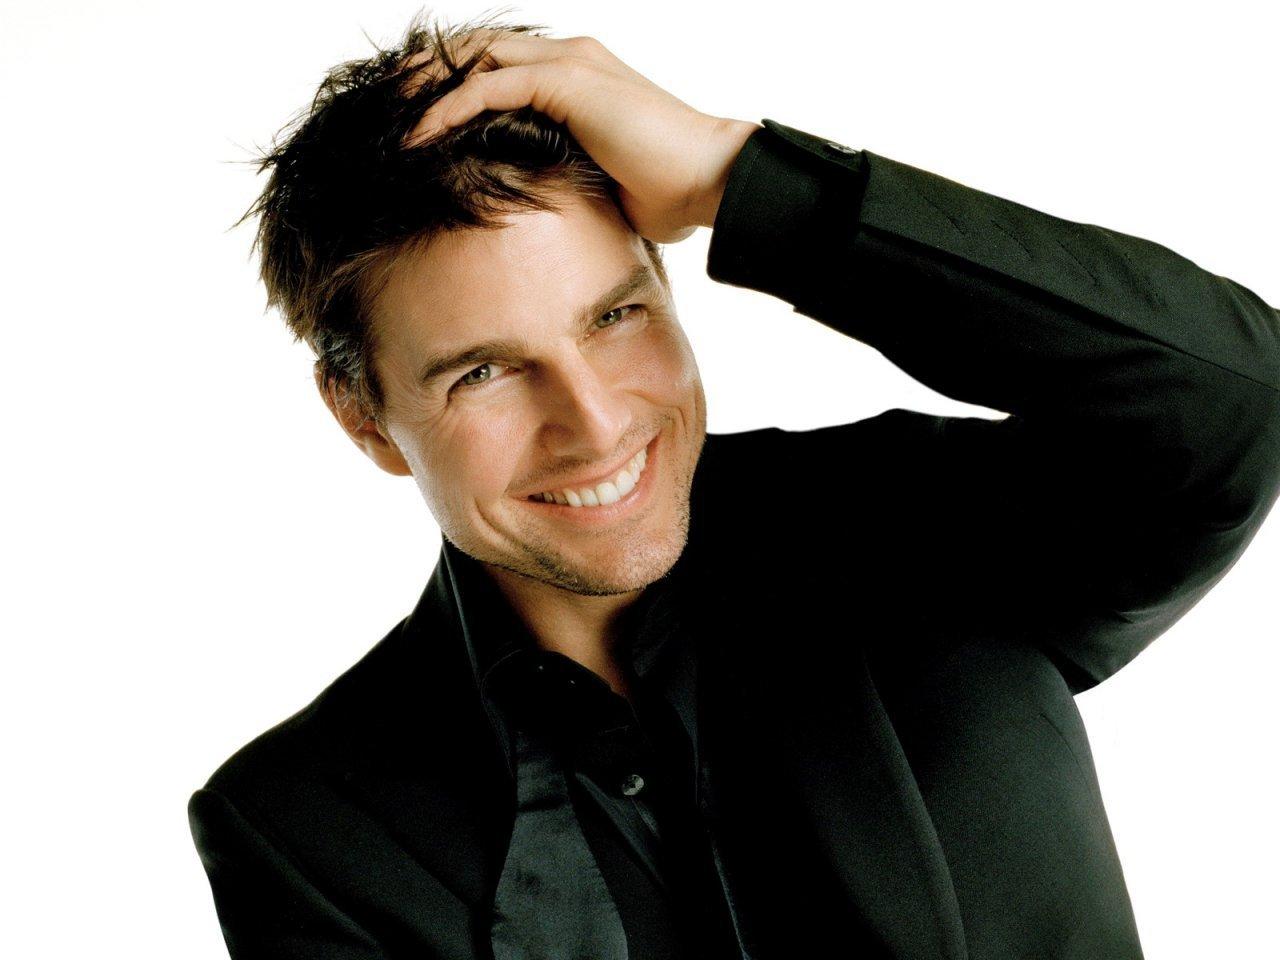 Tom Cruise 6880689 1280x960